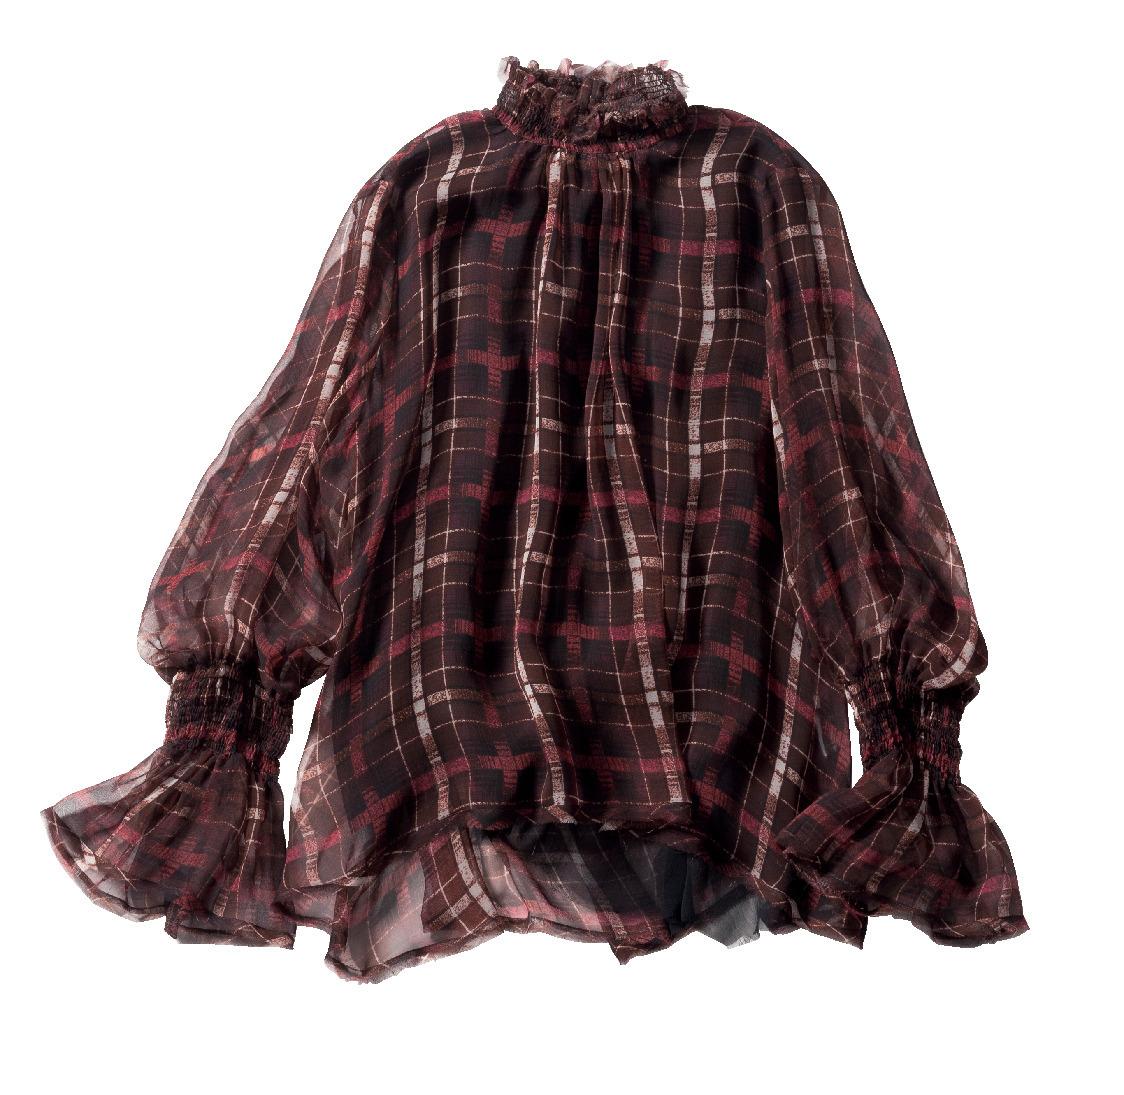 大人が選ぶチェックアイテムは、落ち着いたトーンの袖コンシャスブラウス_1_2-1